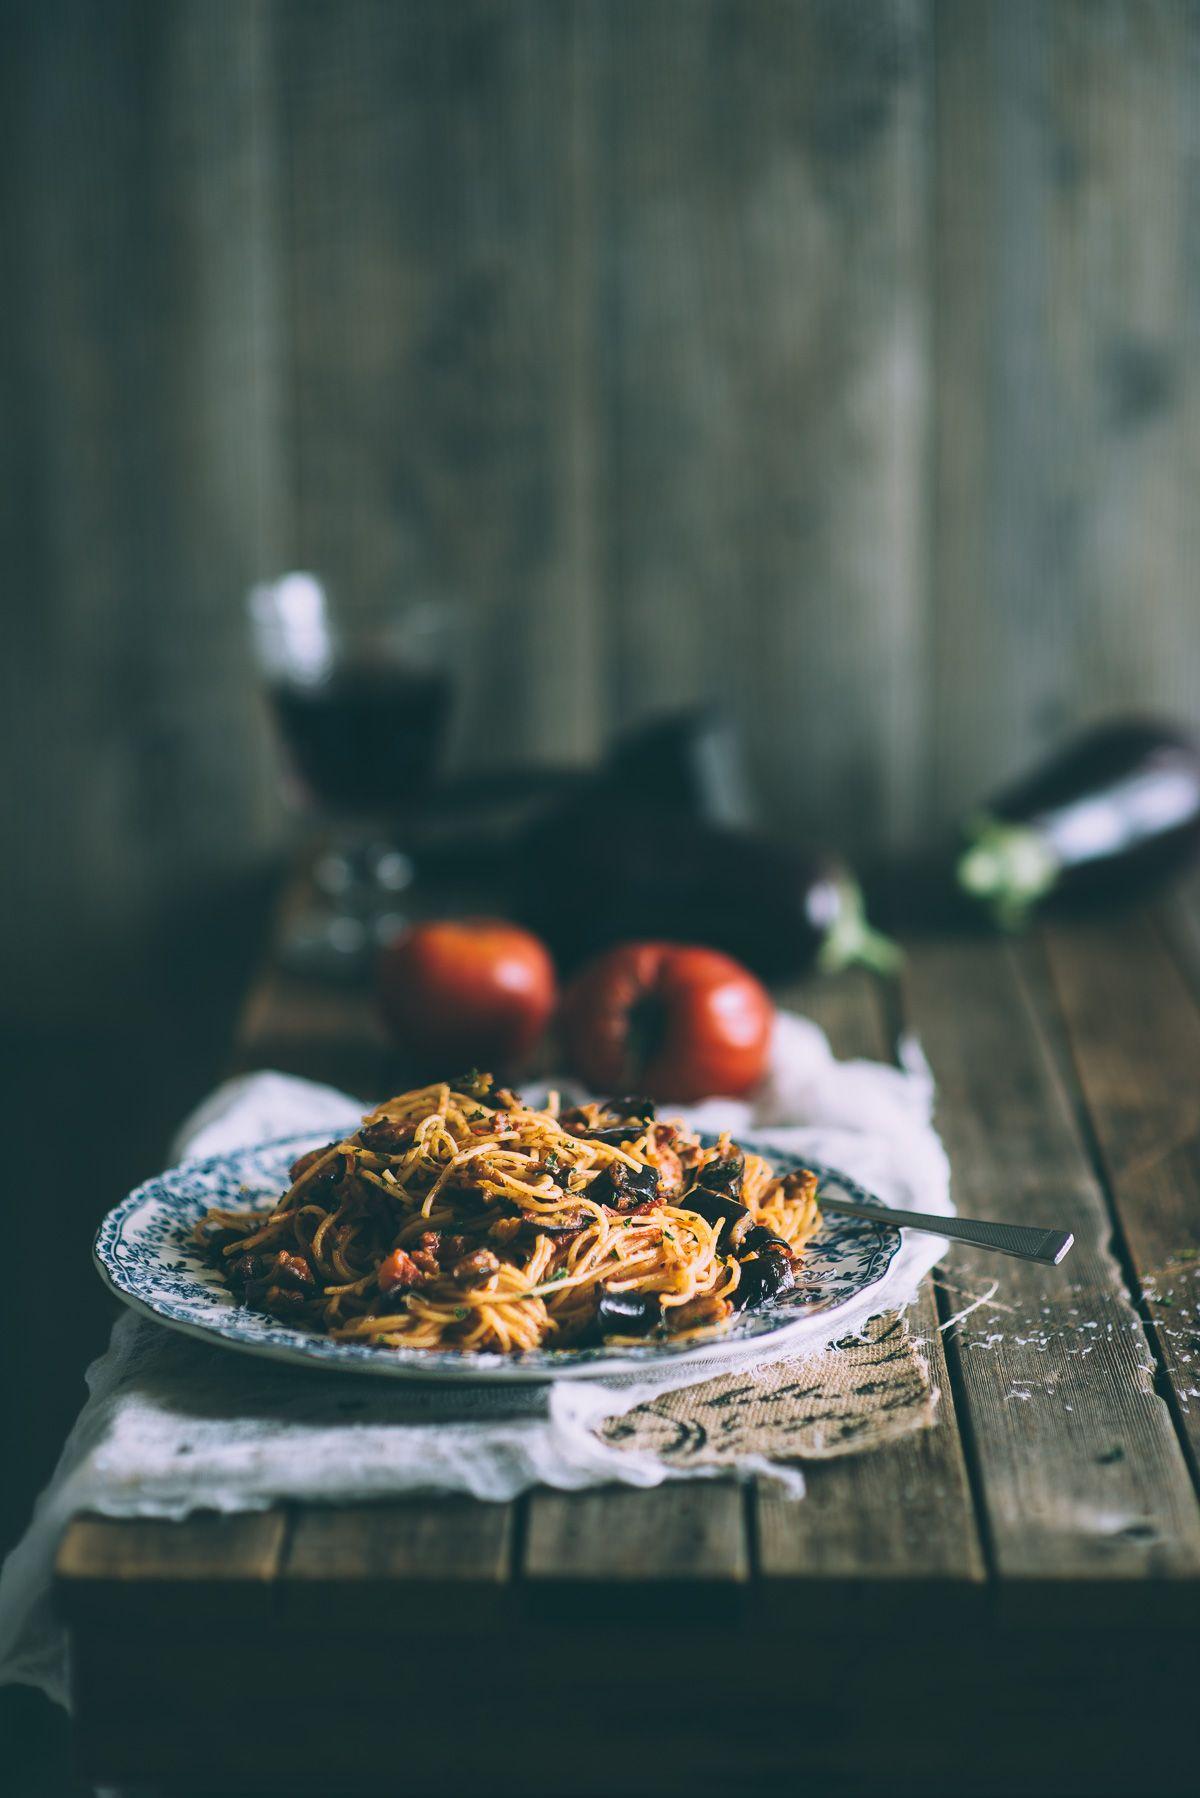 Pasta alla norma recipe pasta pasta dishes tomato